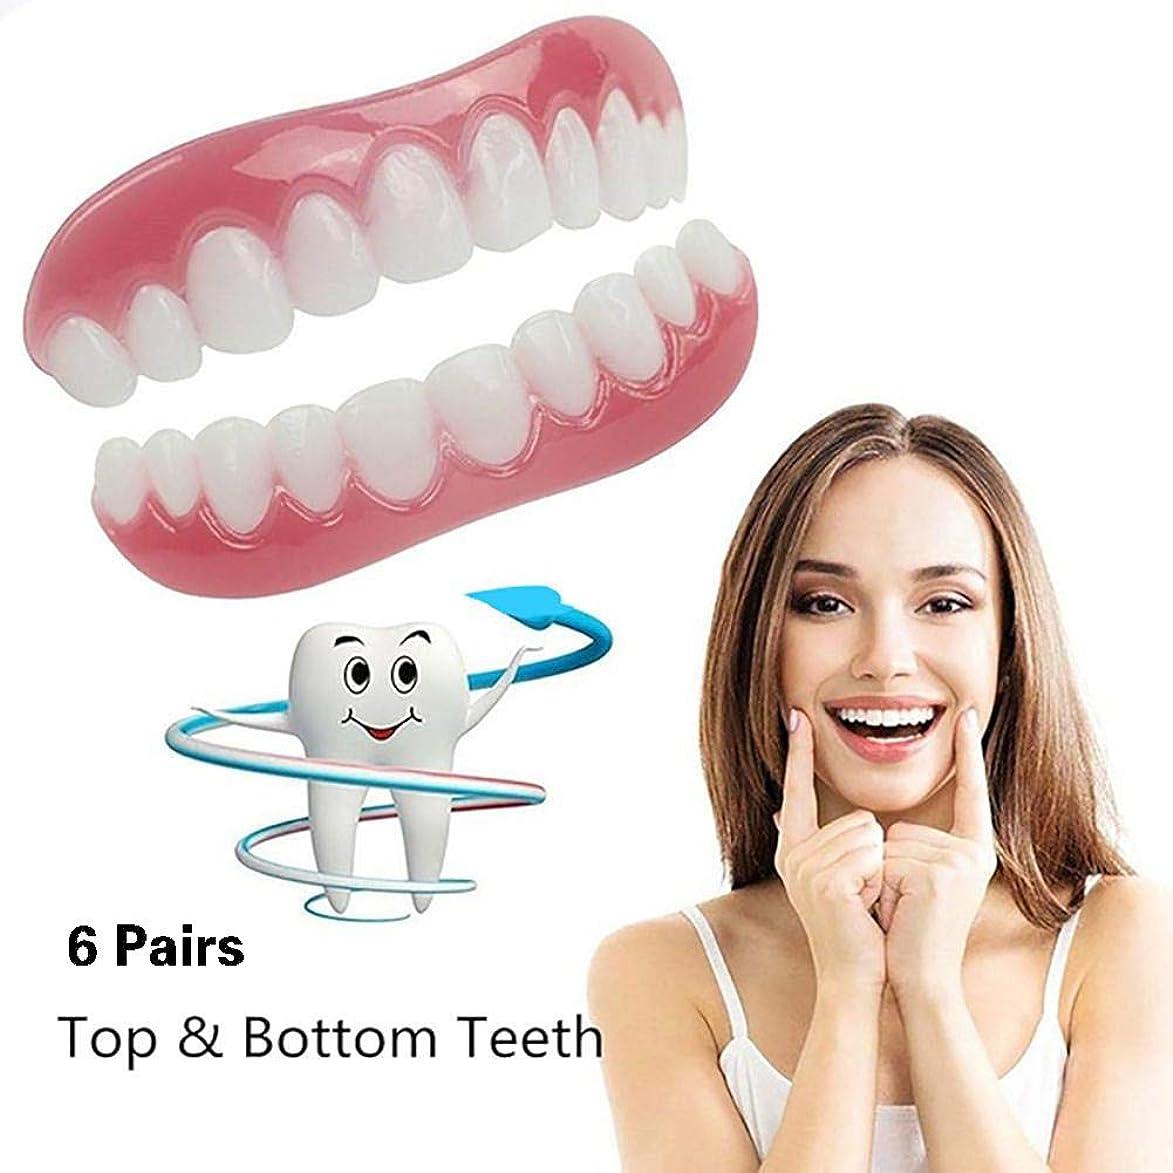 契約した法的栄光6 Pairs Whitening Snap Perfect Smile Teeth Fake Tooth Cover On Smile Instant Teeth Cosmetic Denture